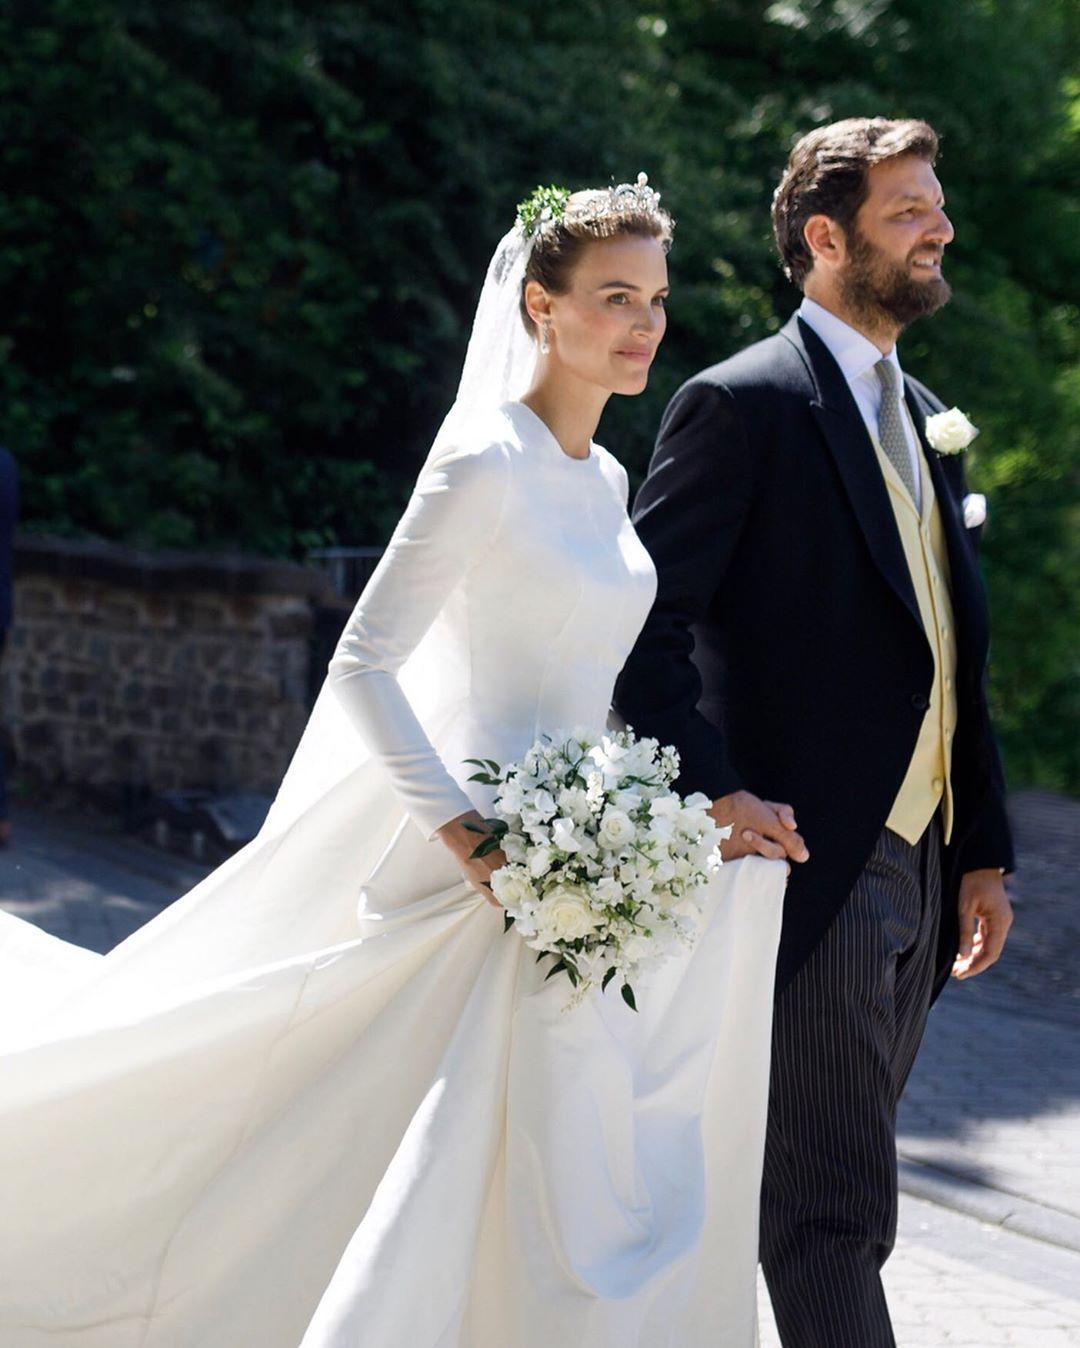 Jorge Acuna On Instagram Princess Alana Zu Sayn Wittgenstein Weddingdress By Jorgeacuna Famous Wedding Dresses Celebrity Bride Wedding Dresses [ 1348 x 1080 Pixel ]